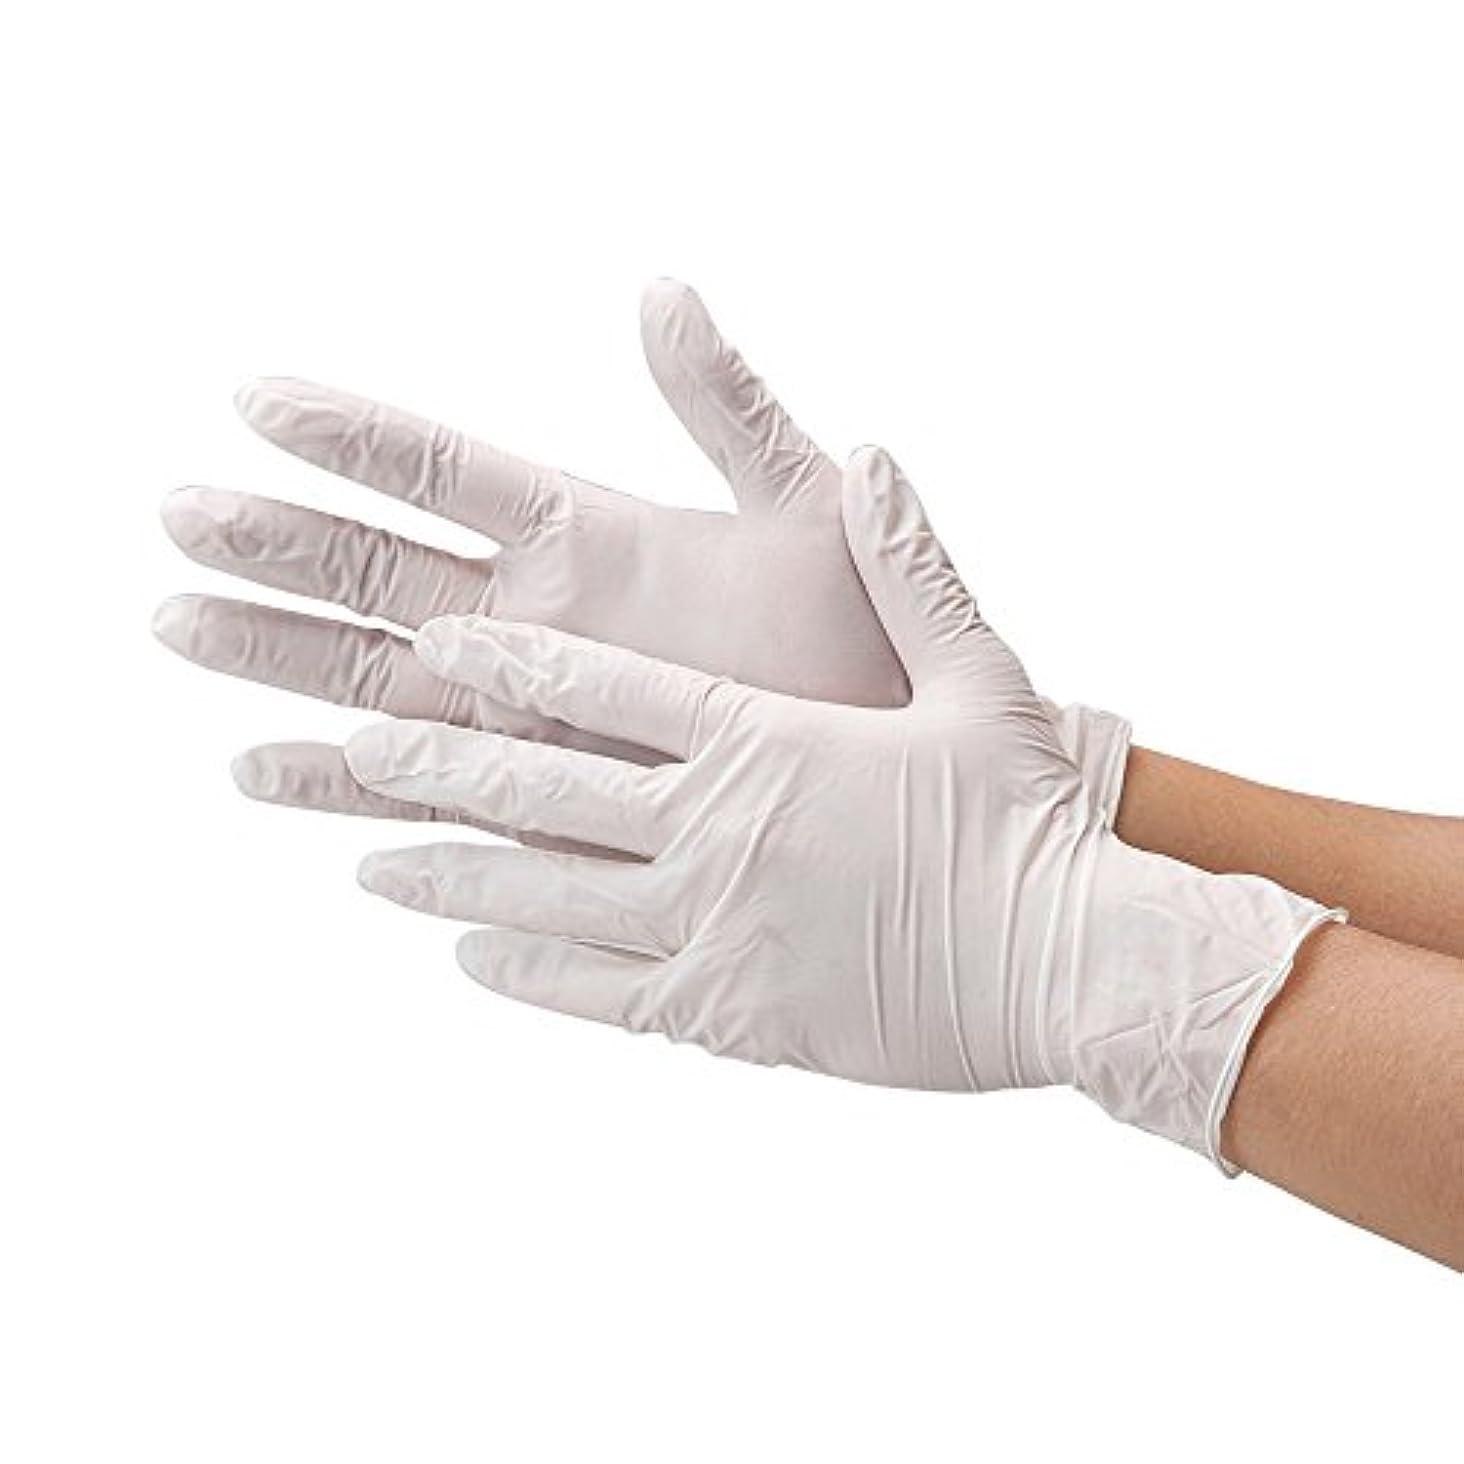 改善どこにも別れる使い捨て手袋 まるで素手の様な感覚で作業ができる 極薄 ゴム手袋 白 ホワイト 10枚入り 粉あり (サイズ:M) 左右兼用 食品衛生法適合品